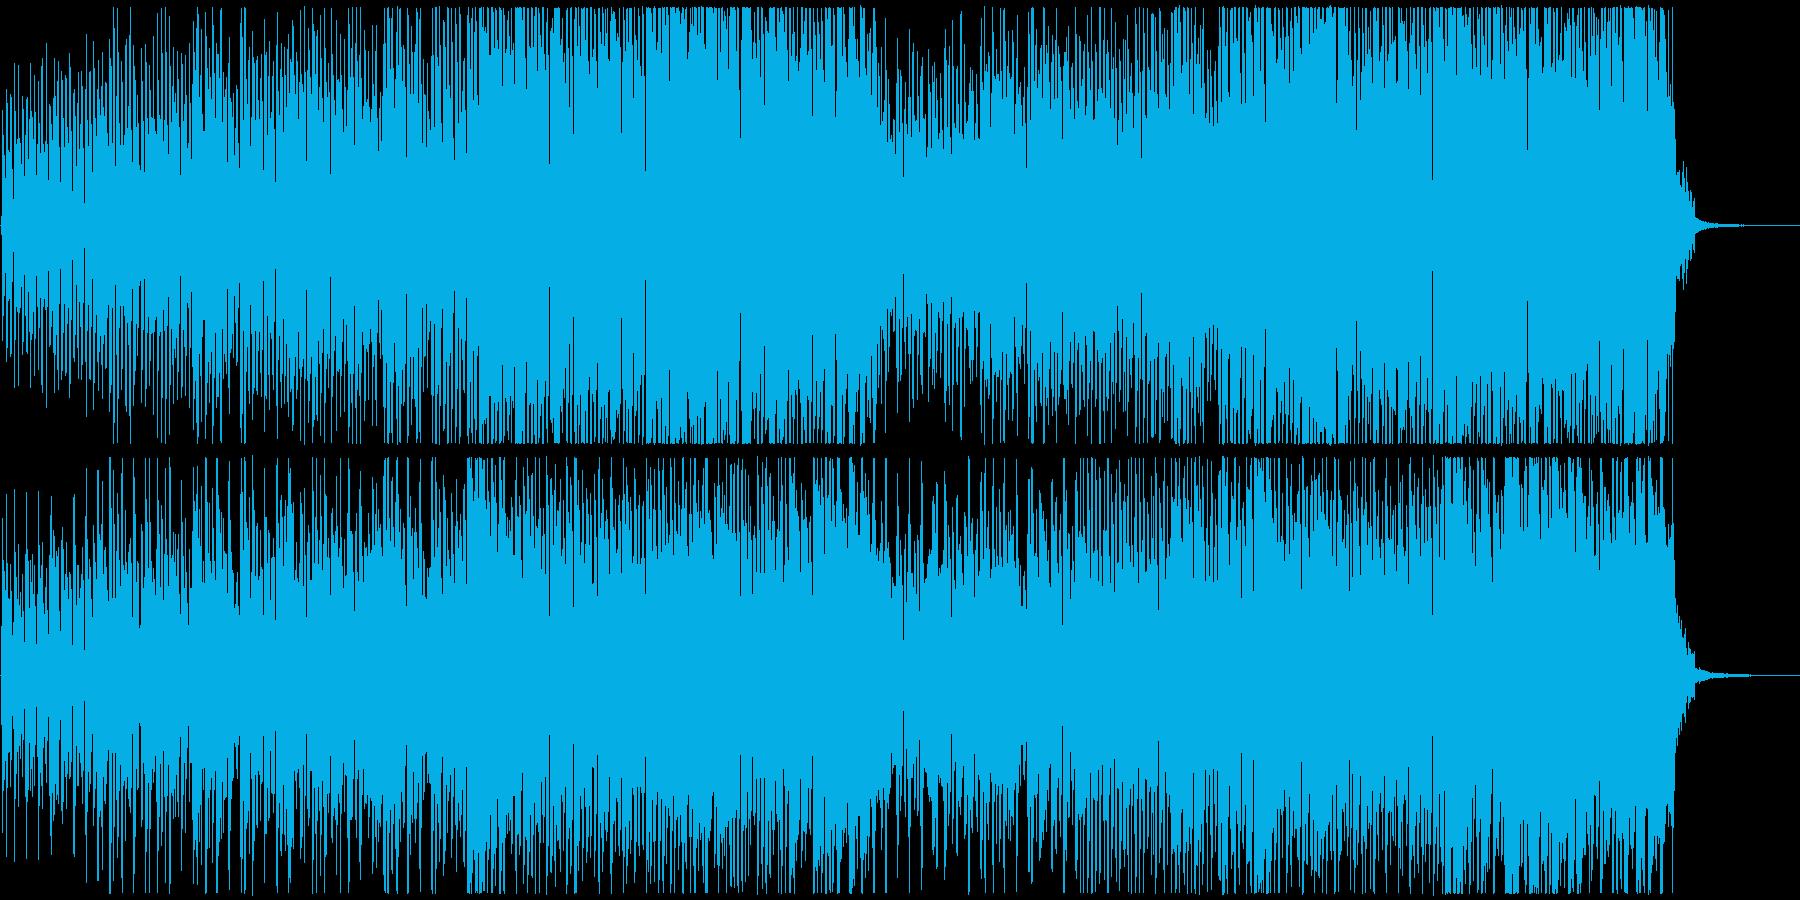 ウクレレと口笛のスイングジャズ風な曲の再生済みの波形